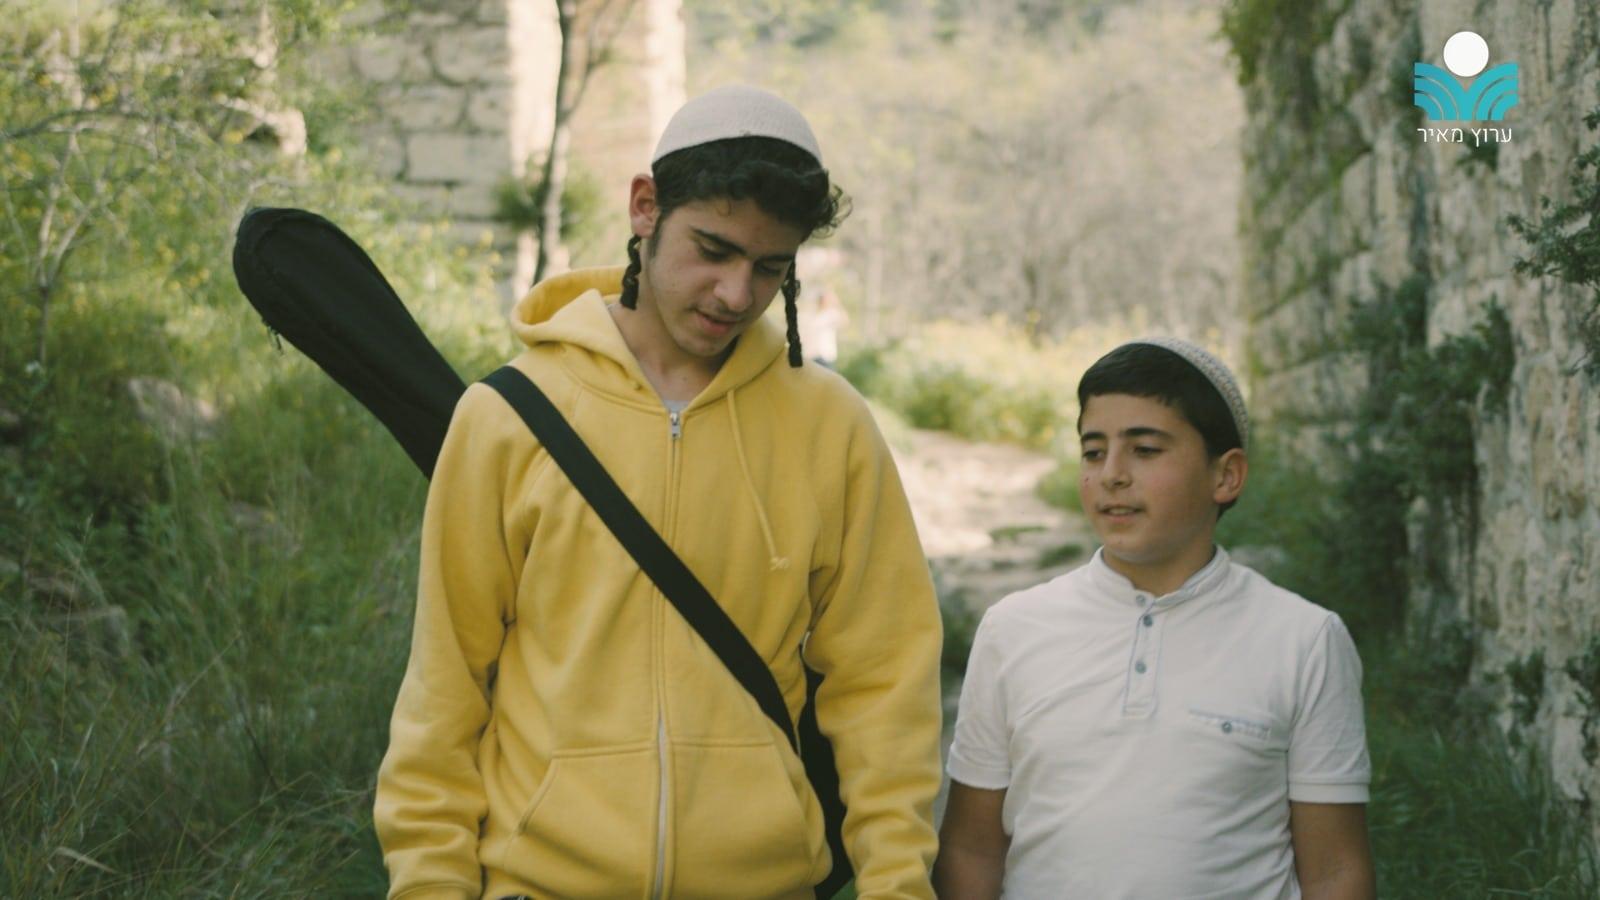 """""""לא ציפיתי שזה באמת יקרה""""; עלי ינקוביץ' מראיין את הילד שמקדיש את חייו לטובת הגמ""""ח שהקים אביו"""